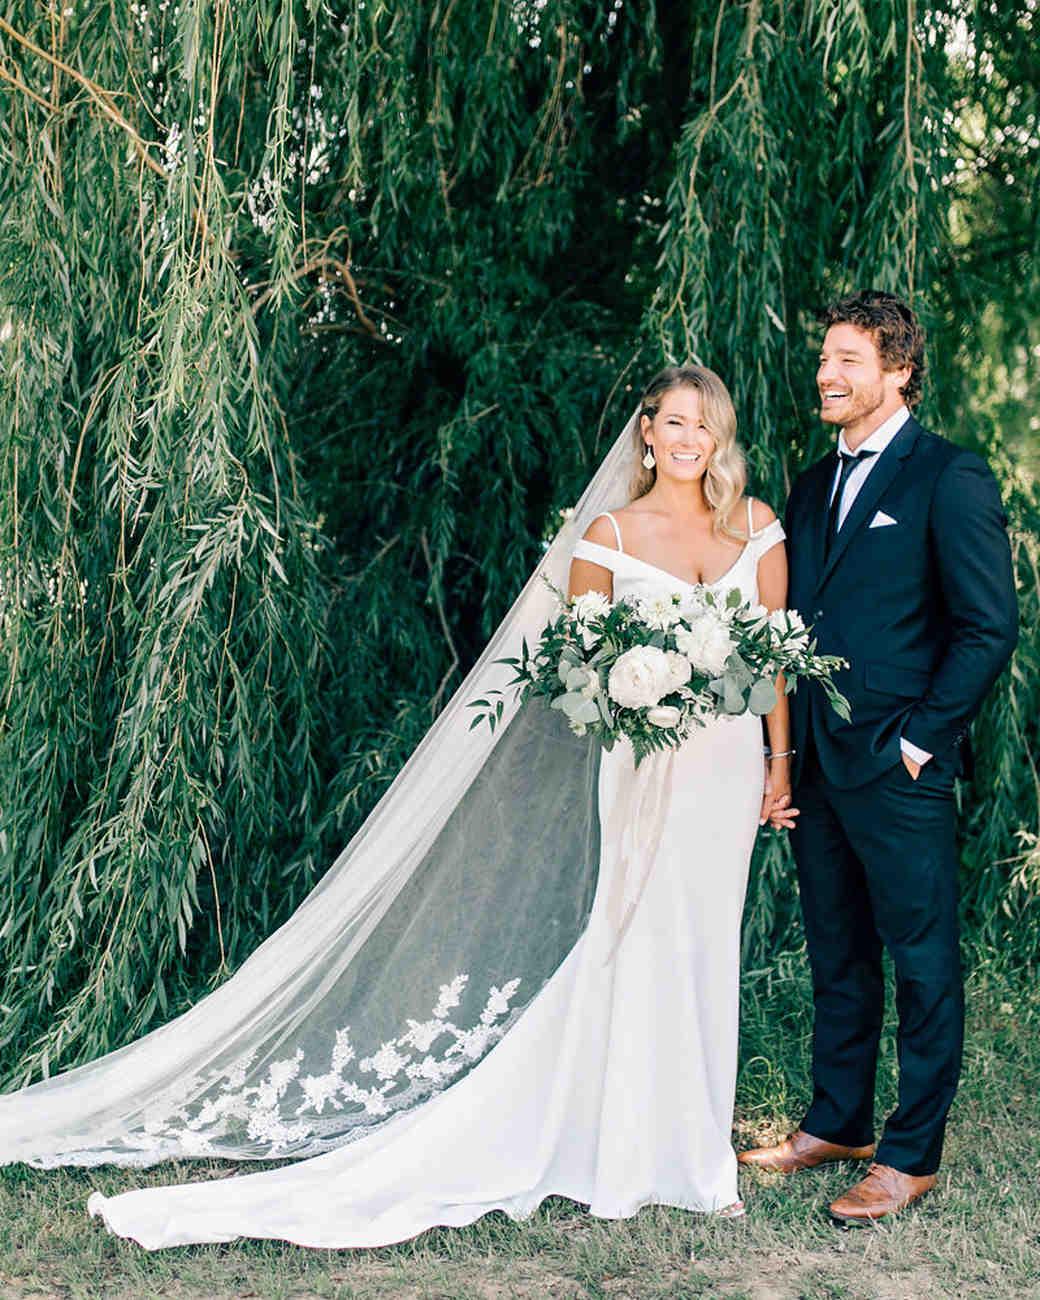 maggie zach wedding candid couple portrait